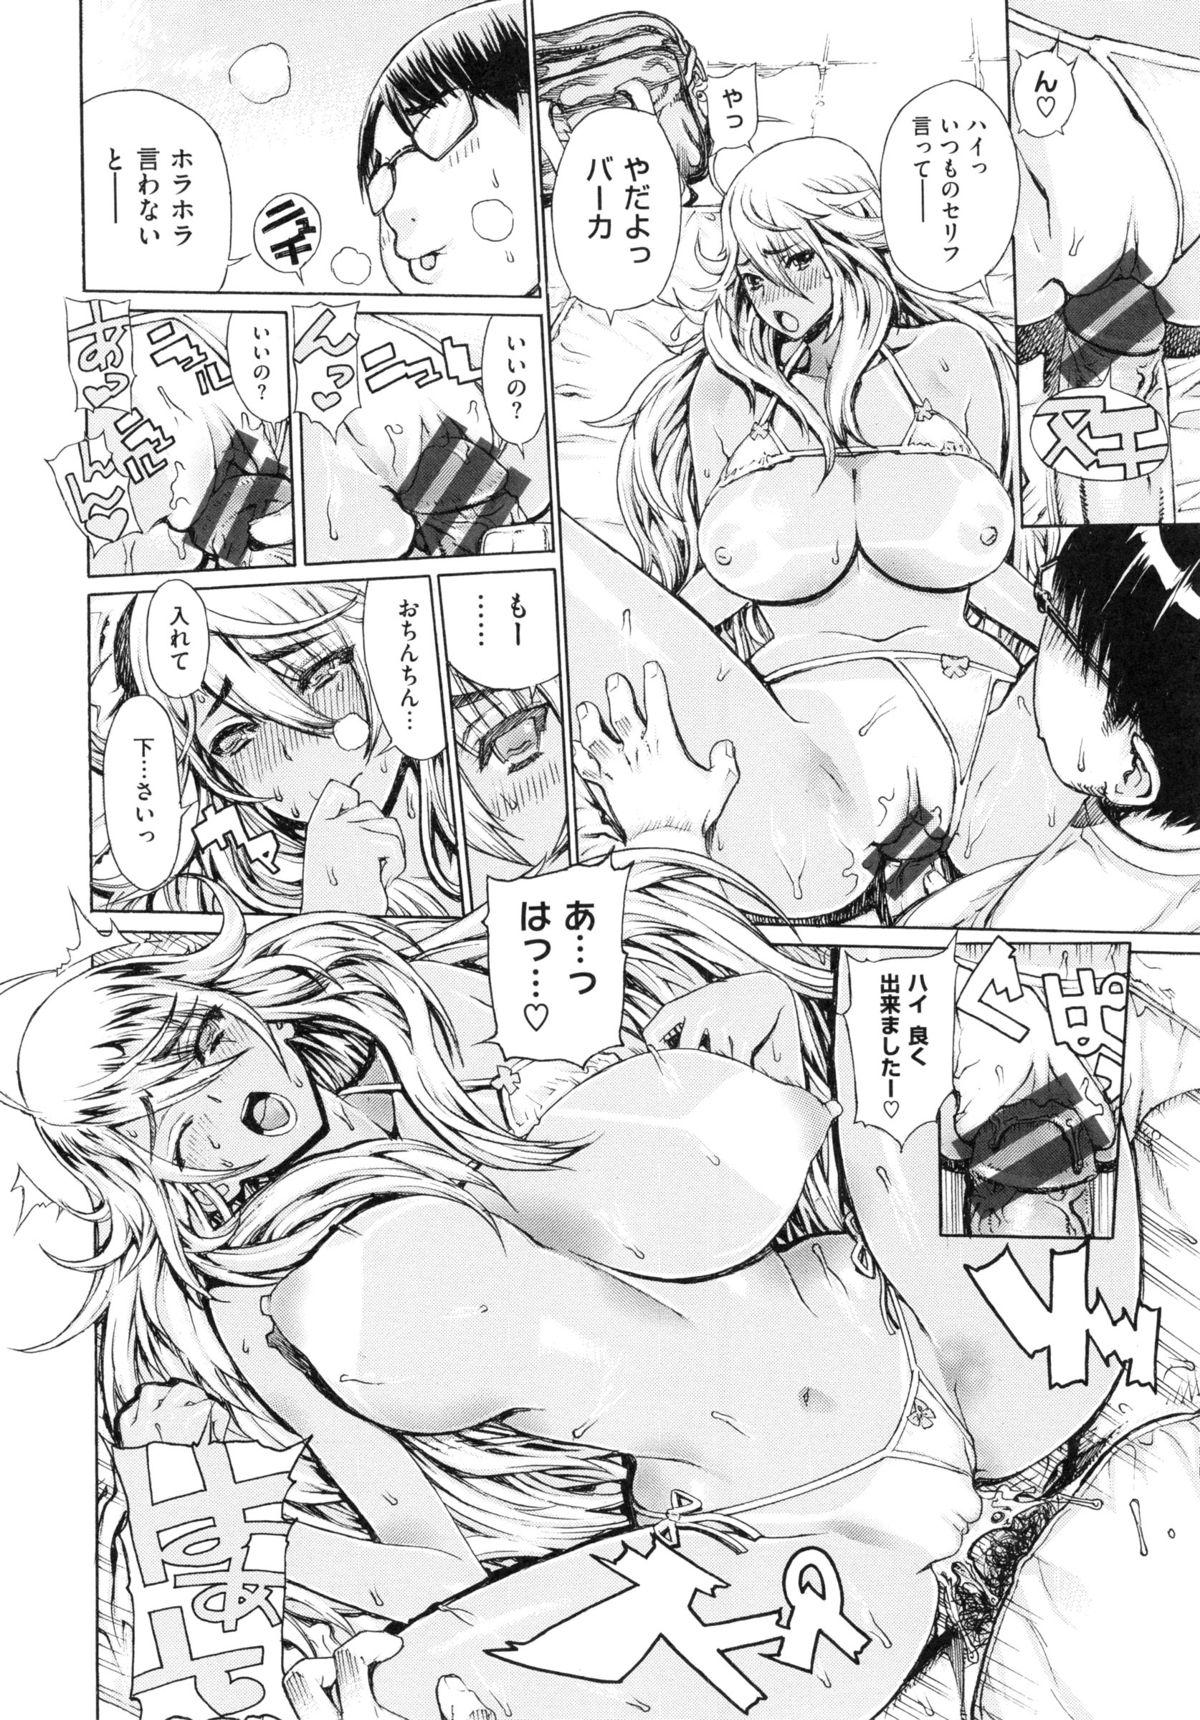 H Sketch! 68